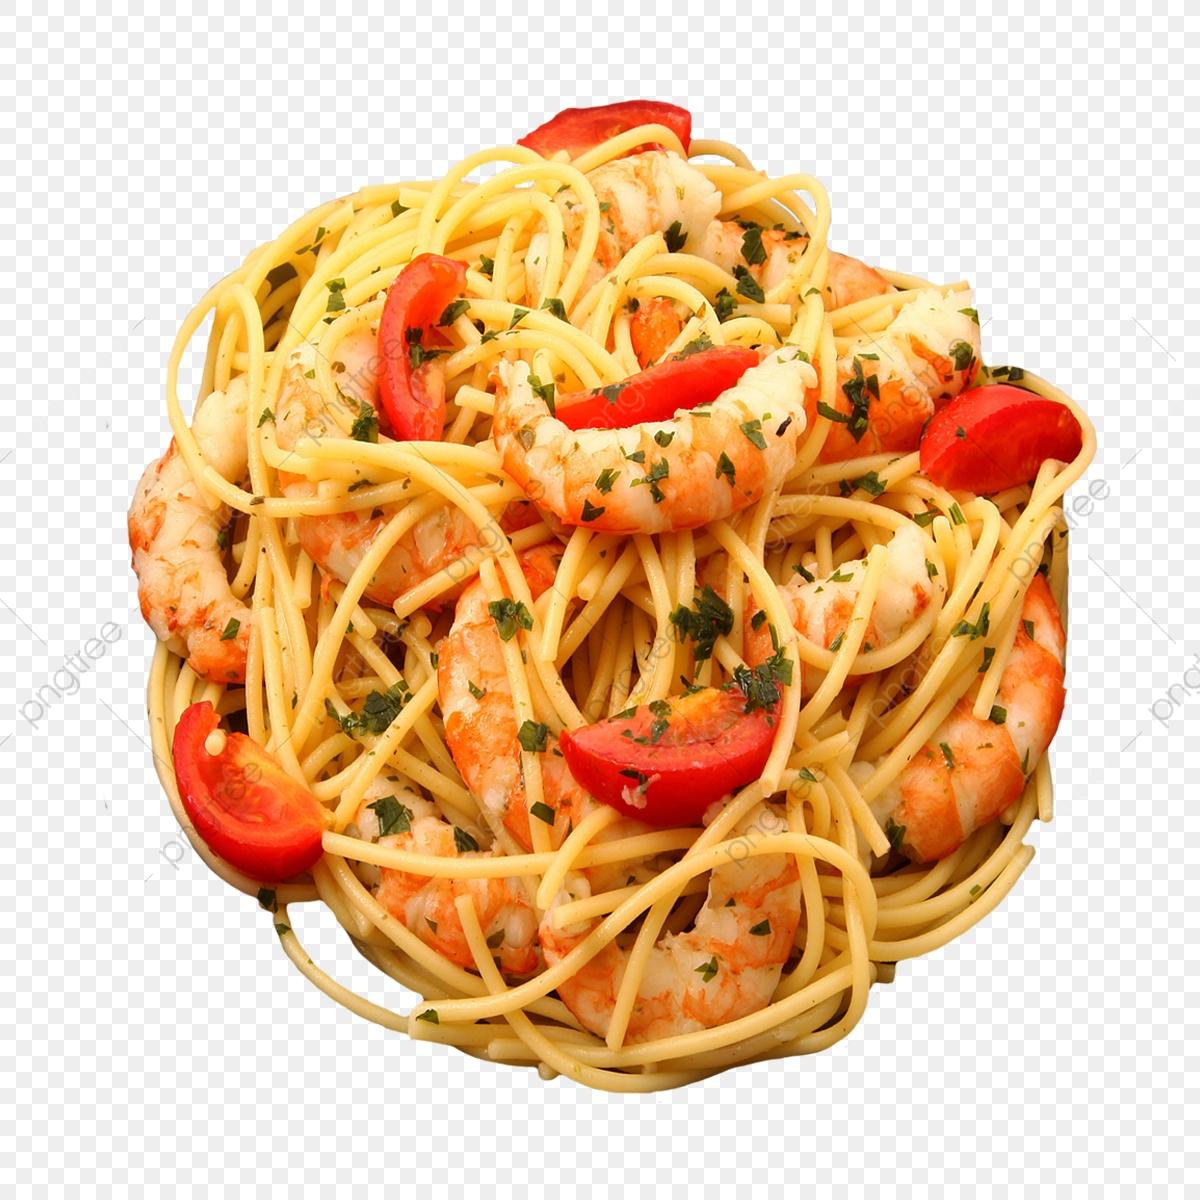 Sea Food Shrimp Tomato Spaghetti, Sea Food, Shrimp, Sea Food.